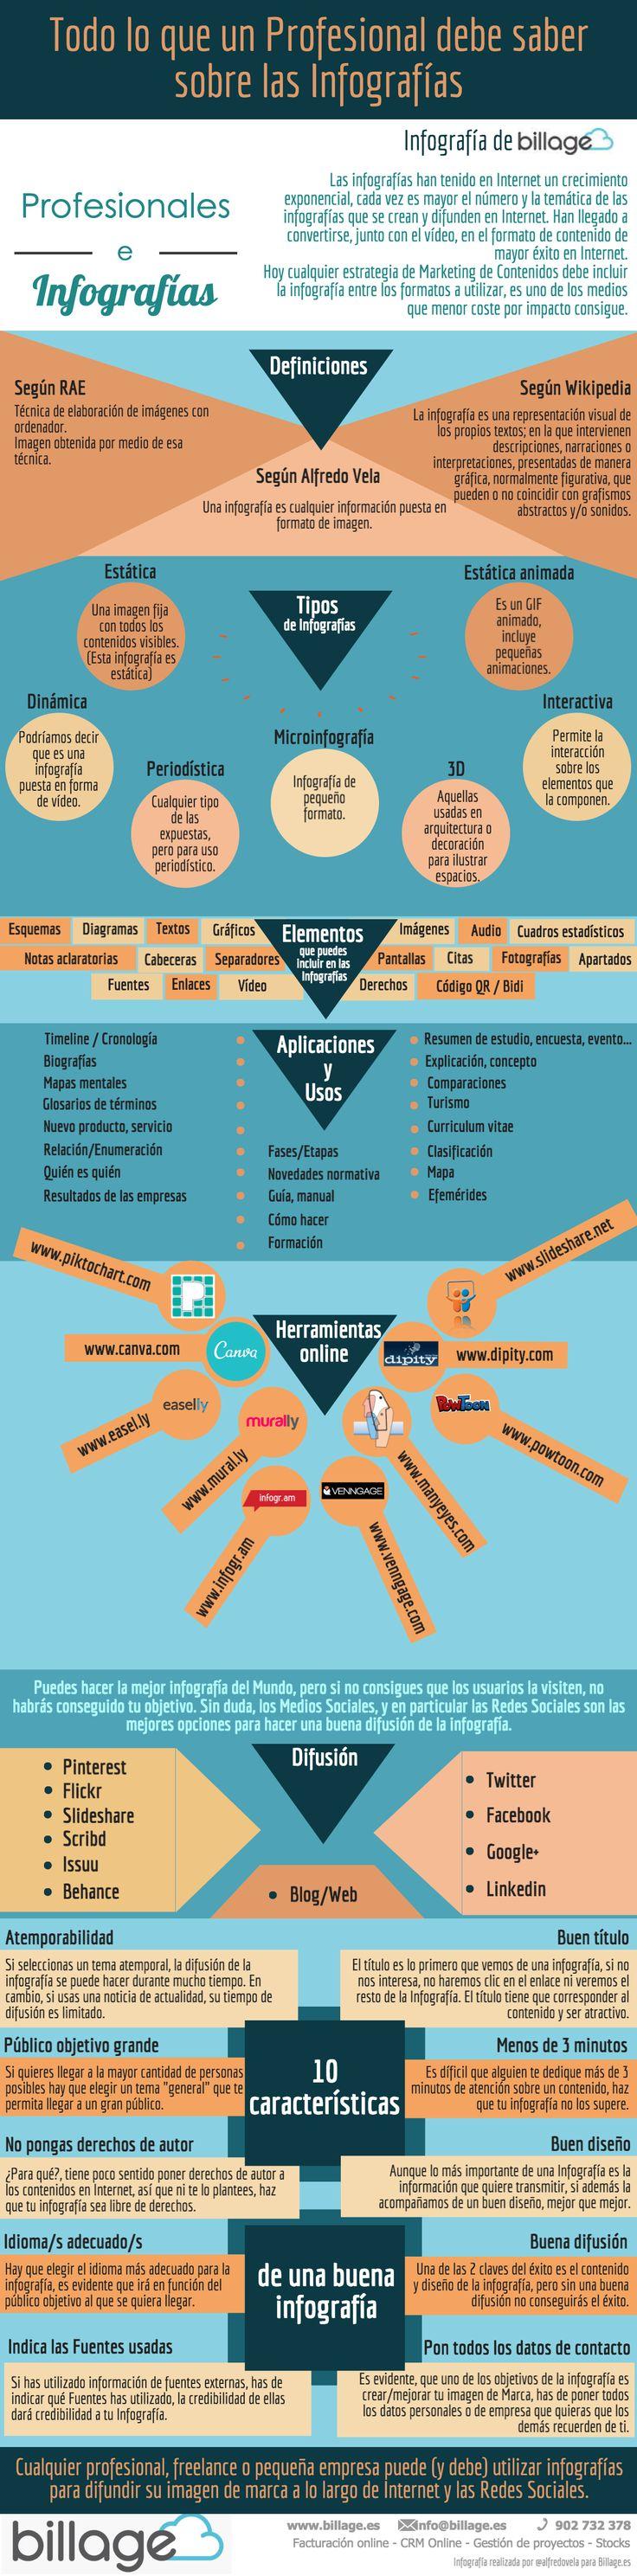 Todo lo que un profesional debe saber sobre infografía y marketing #infografia